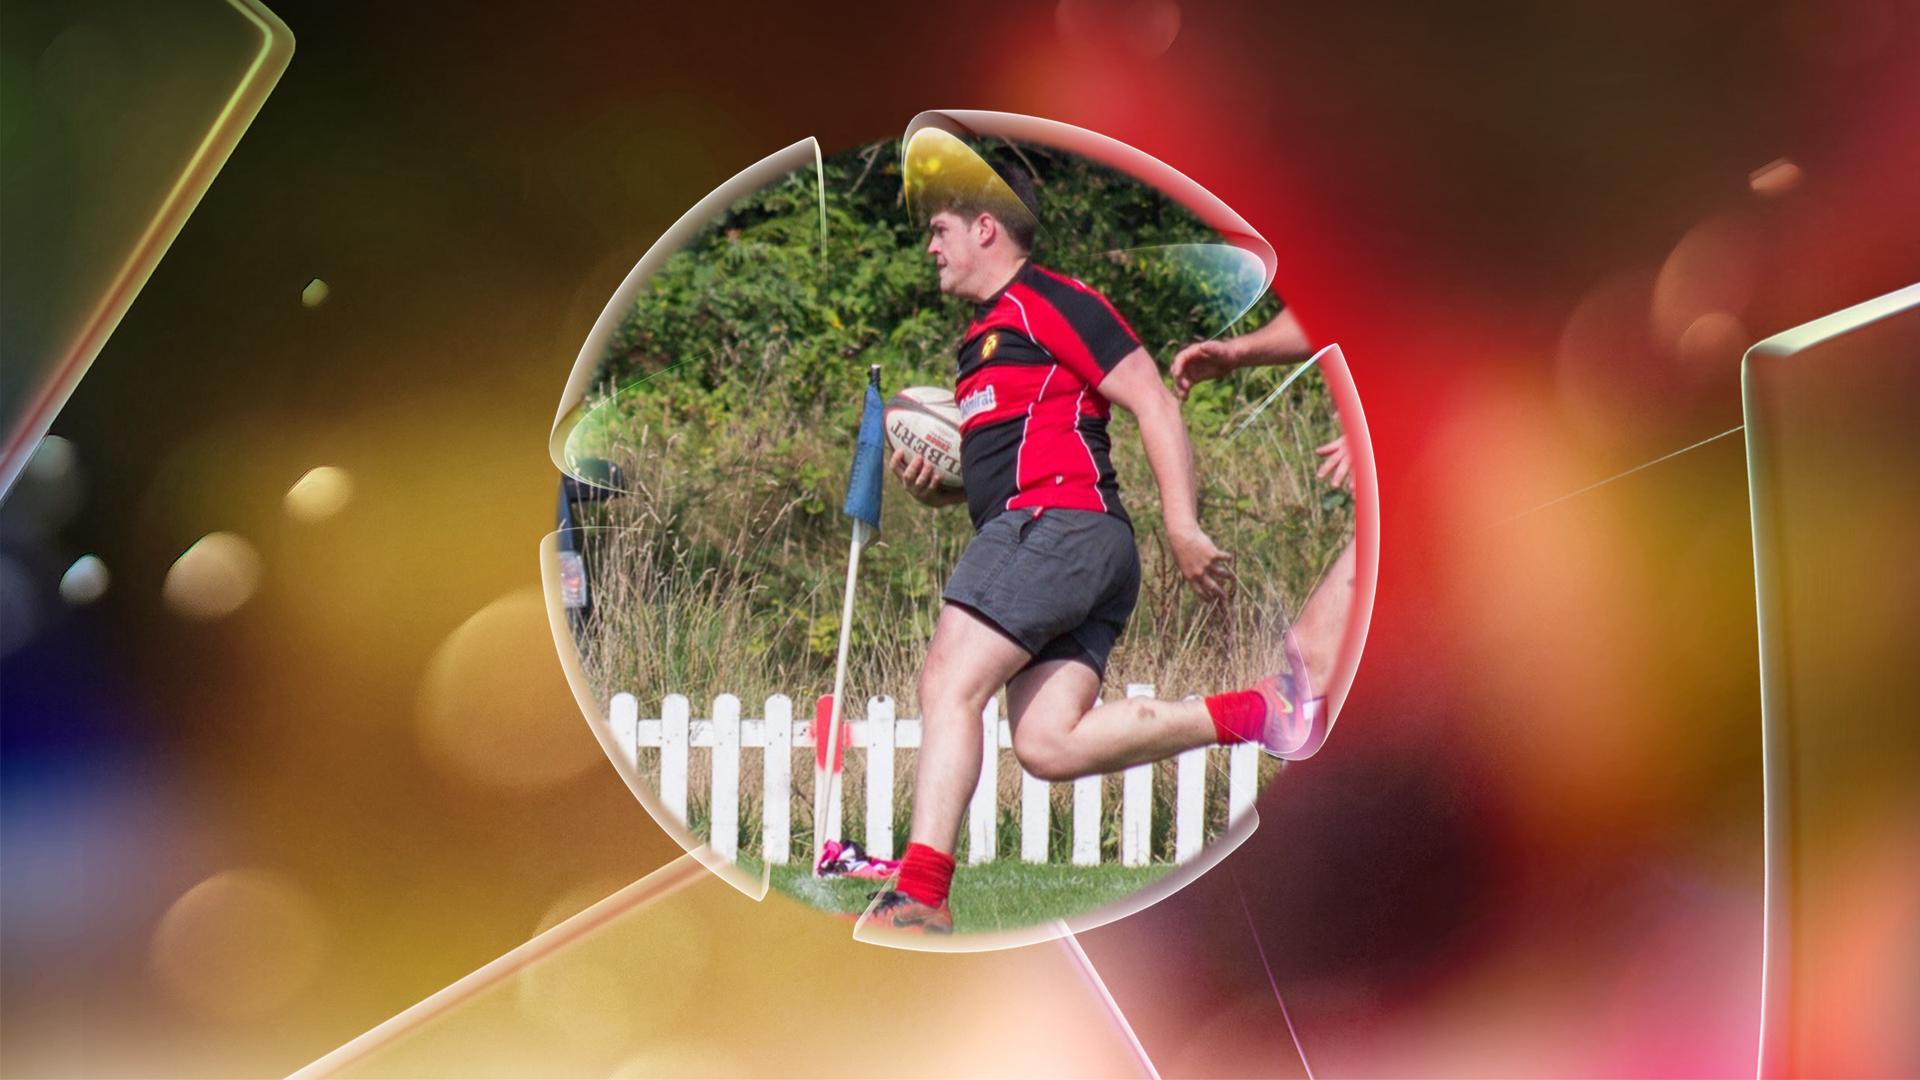 LGB&T Sport Cymru have a new Ambassador on board